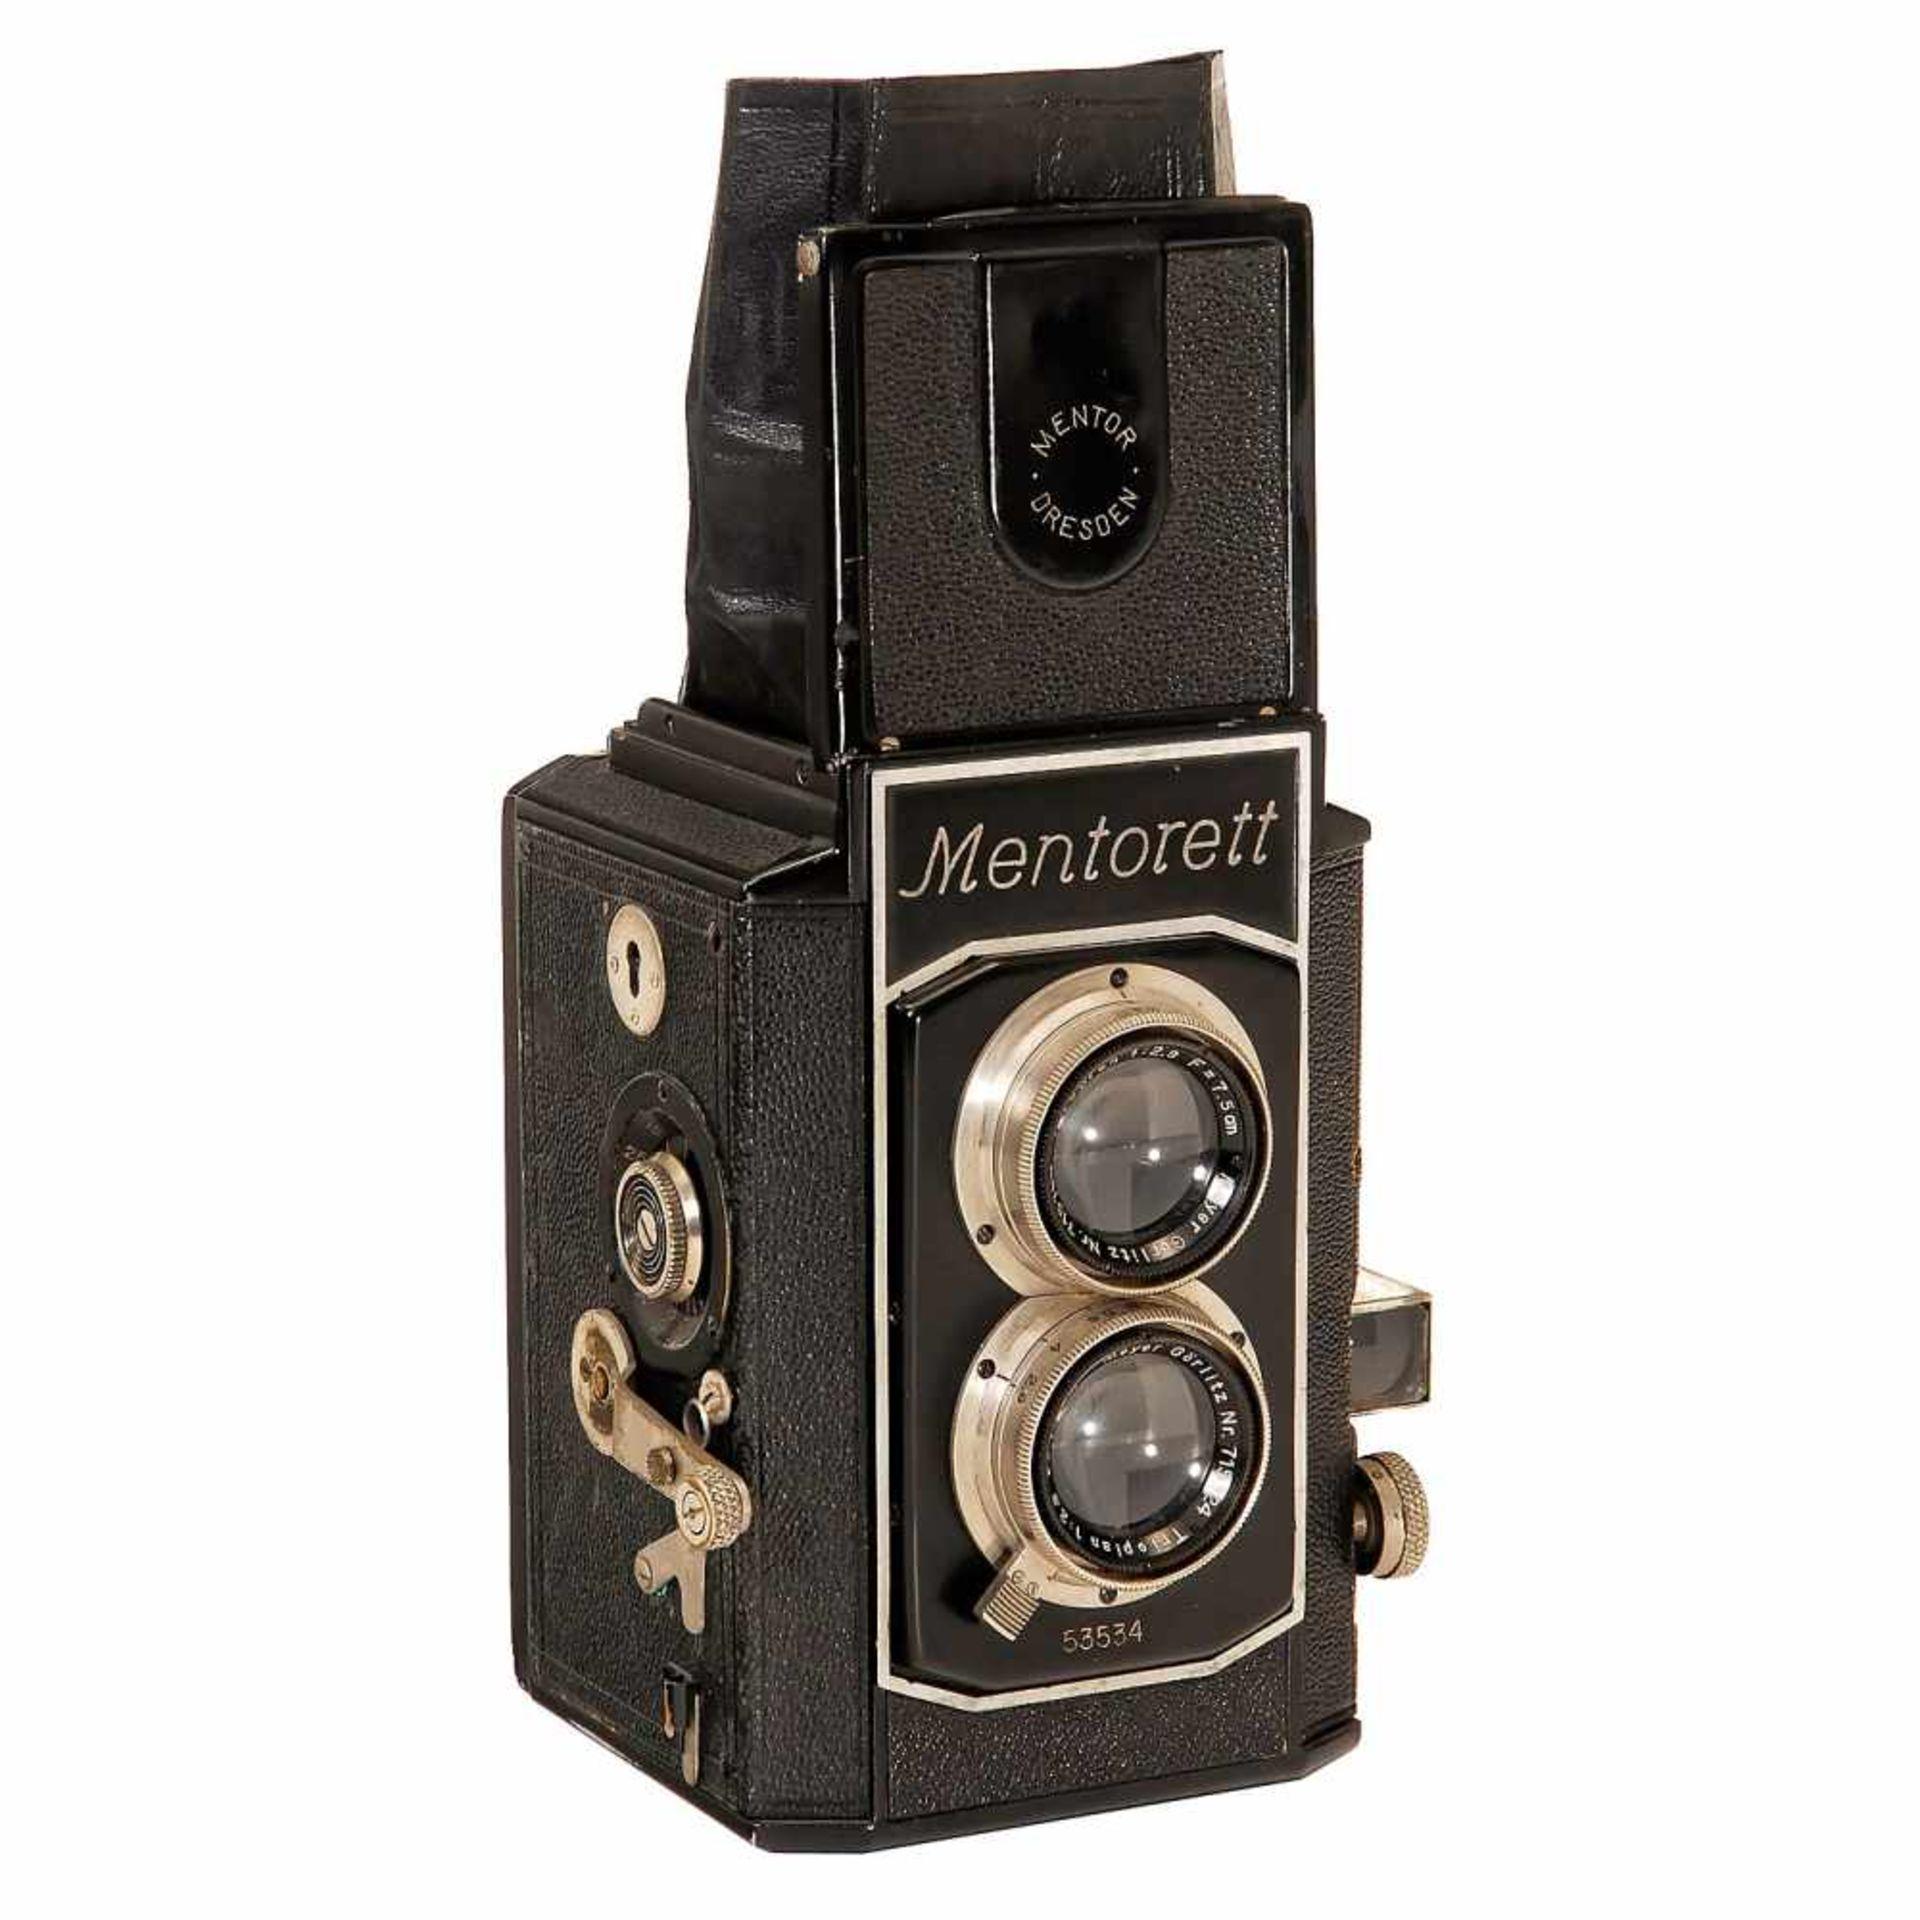 """""""Mentorett"""" Twin-Lens Reflex, 1936Mentor-Kamerafabrik Goltz & Breutmann, Dresden. No. 53534, 6 x 6"""